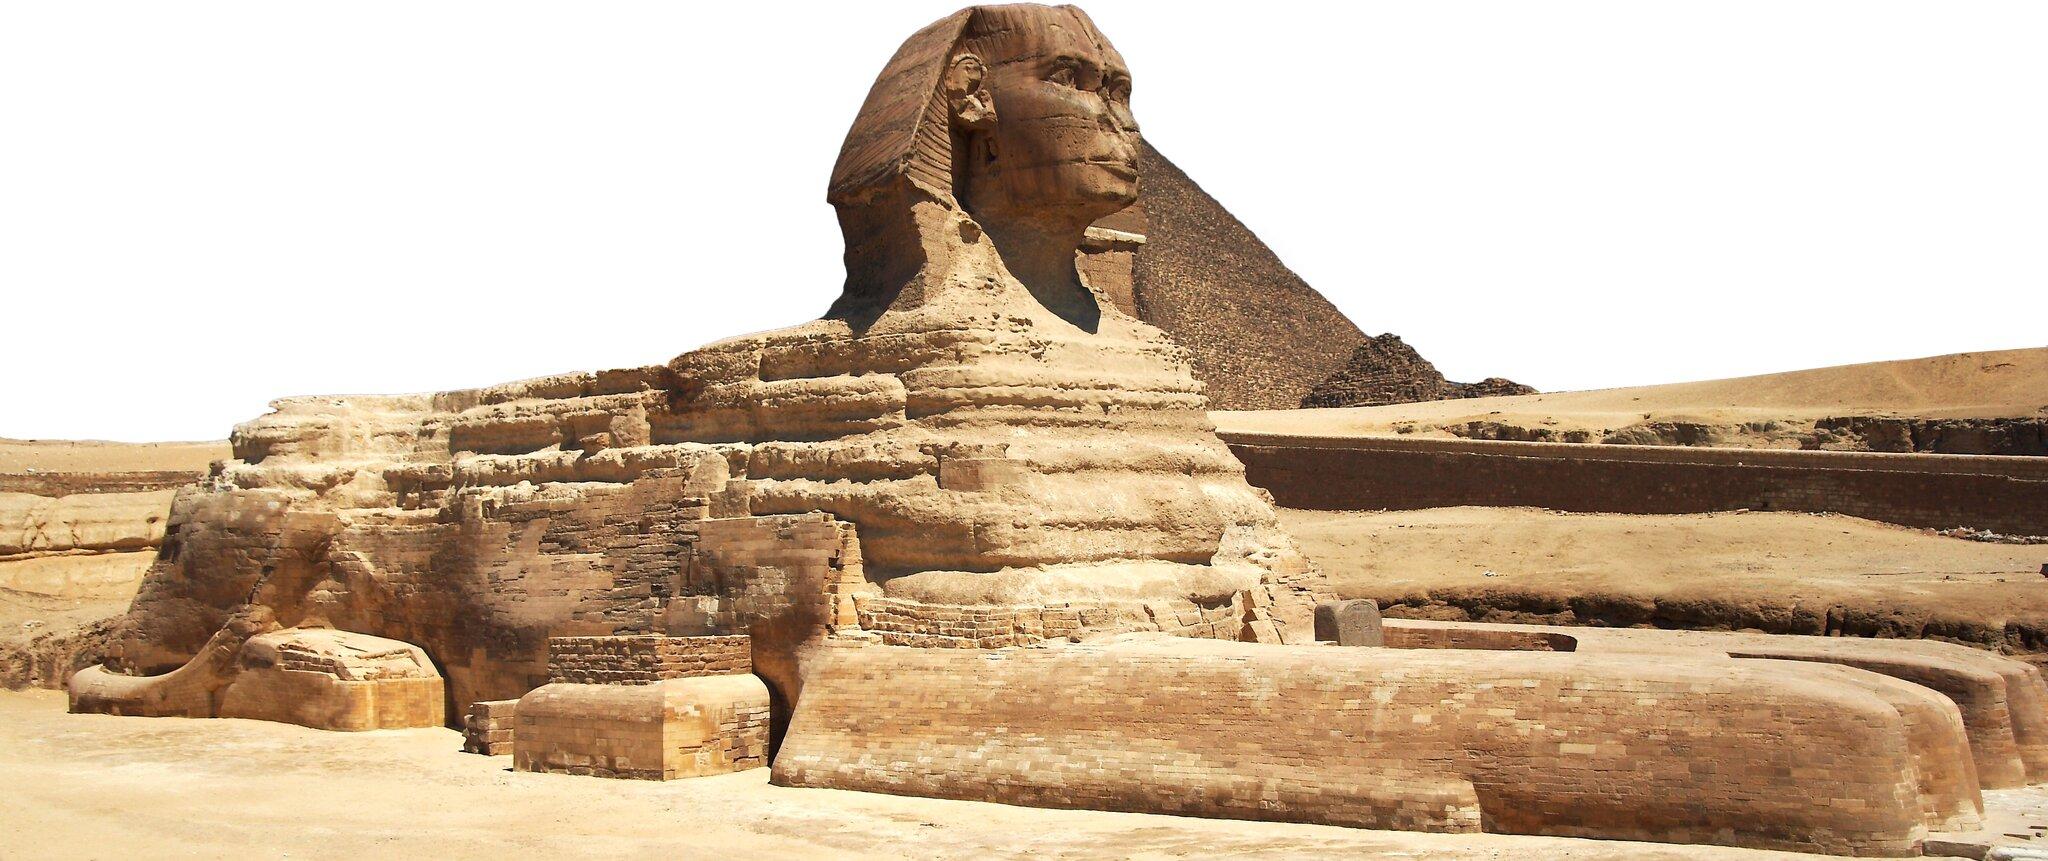 Piramida Cheopsa iWielki Sfinks wGizie Piramida Cheopsa iWielki Sfinks wGizie Źródło: Barcex, Wikimedia Commons, licencja: CC BY-SA 3.0.